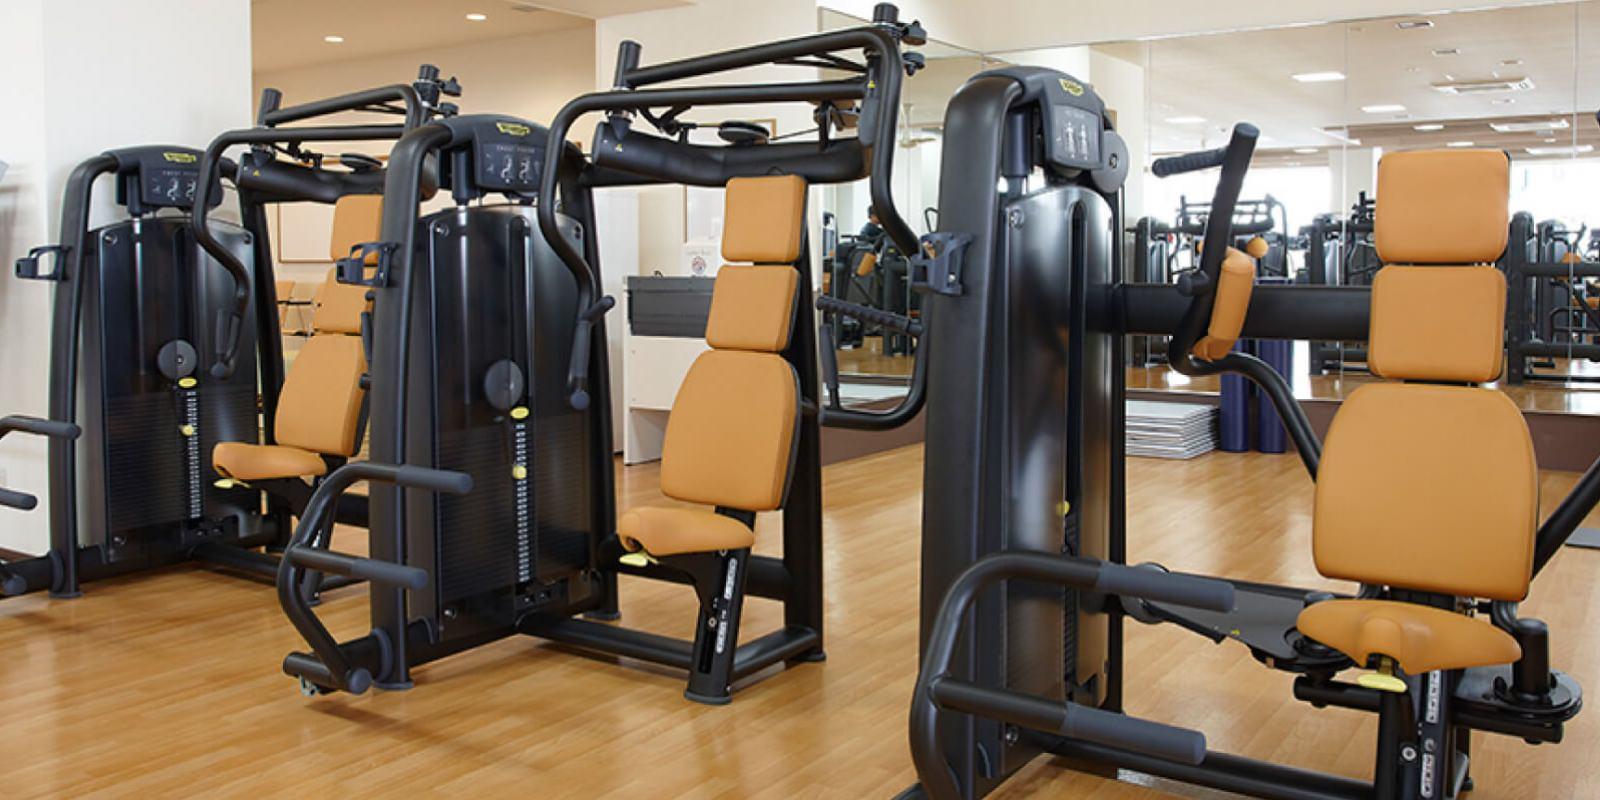 上永谷店のトレーニングマシン